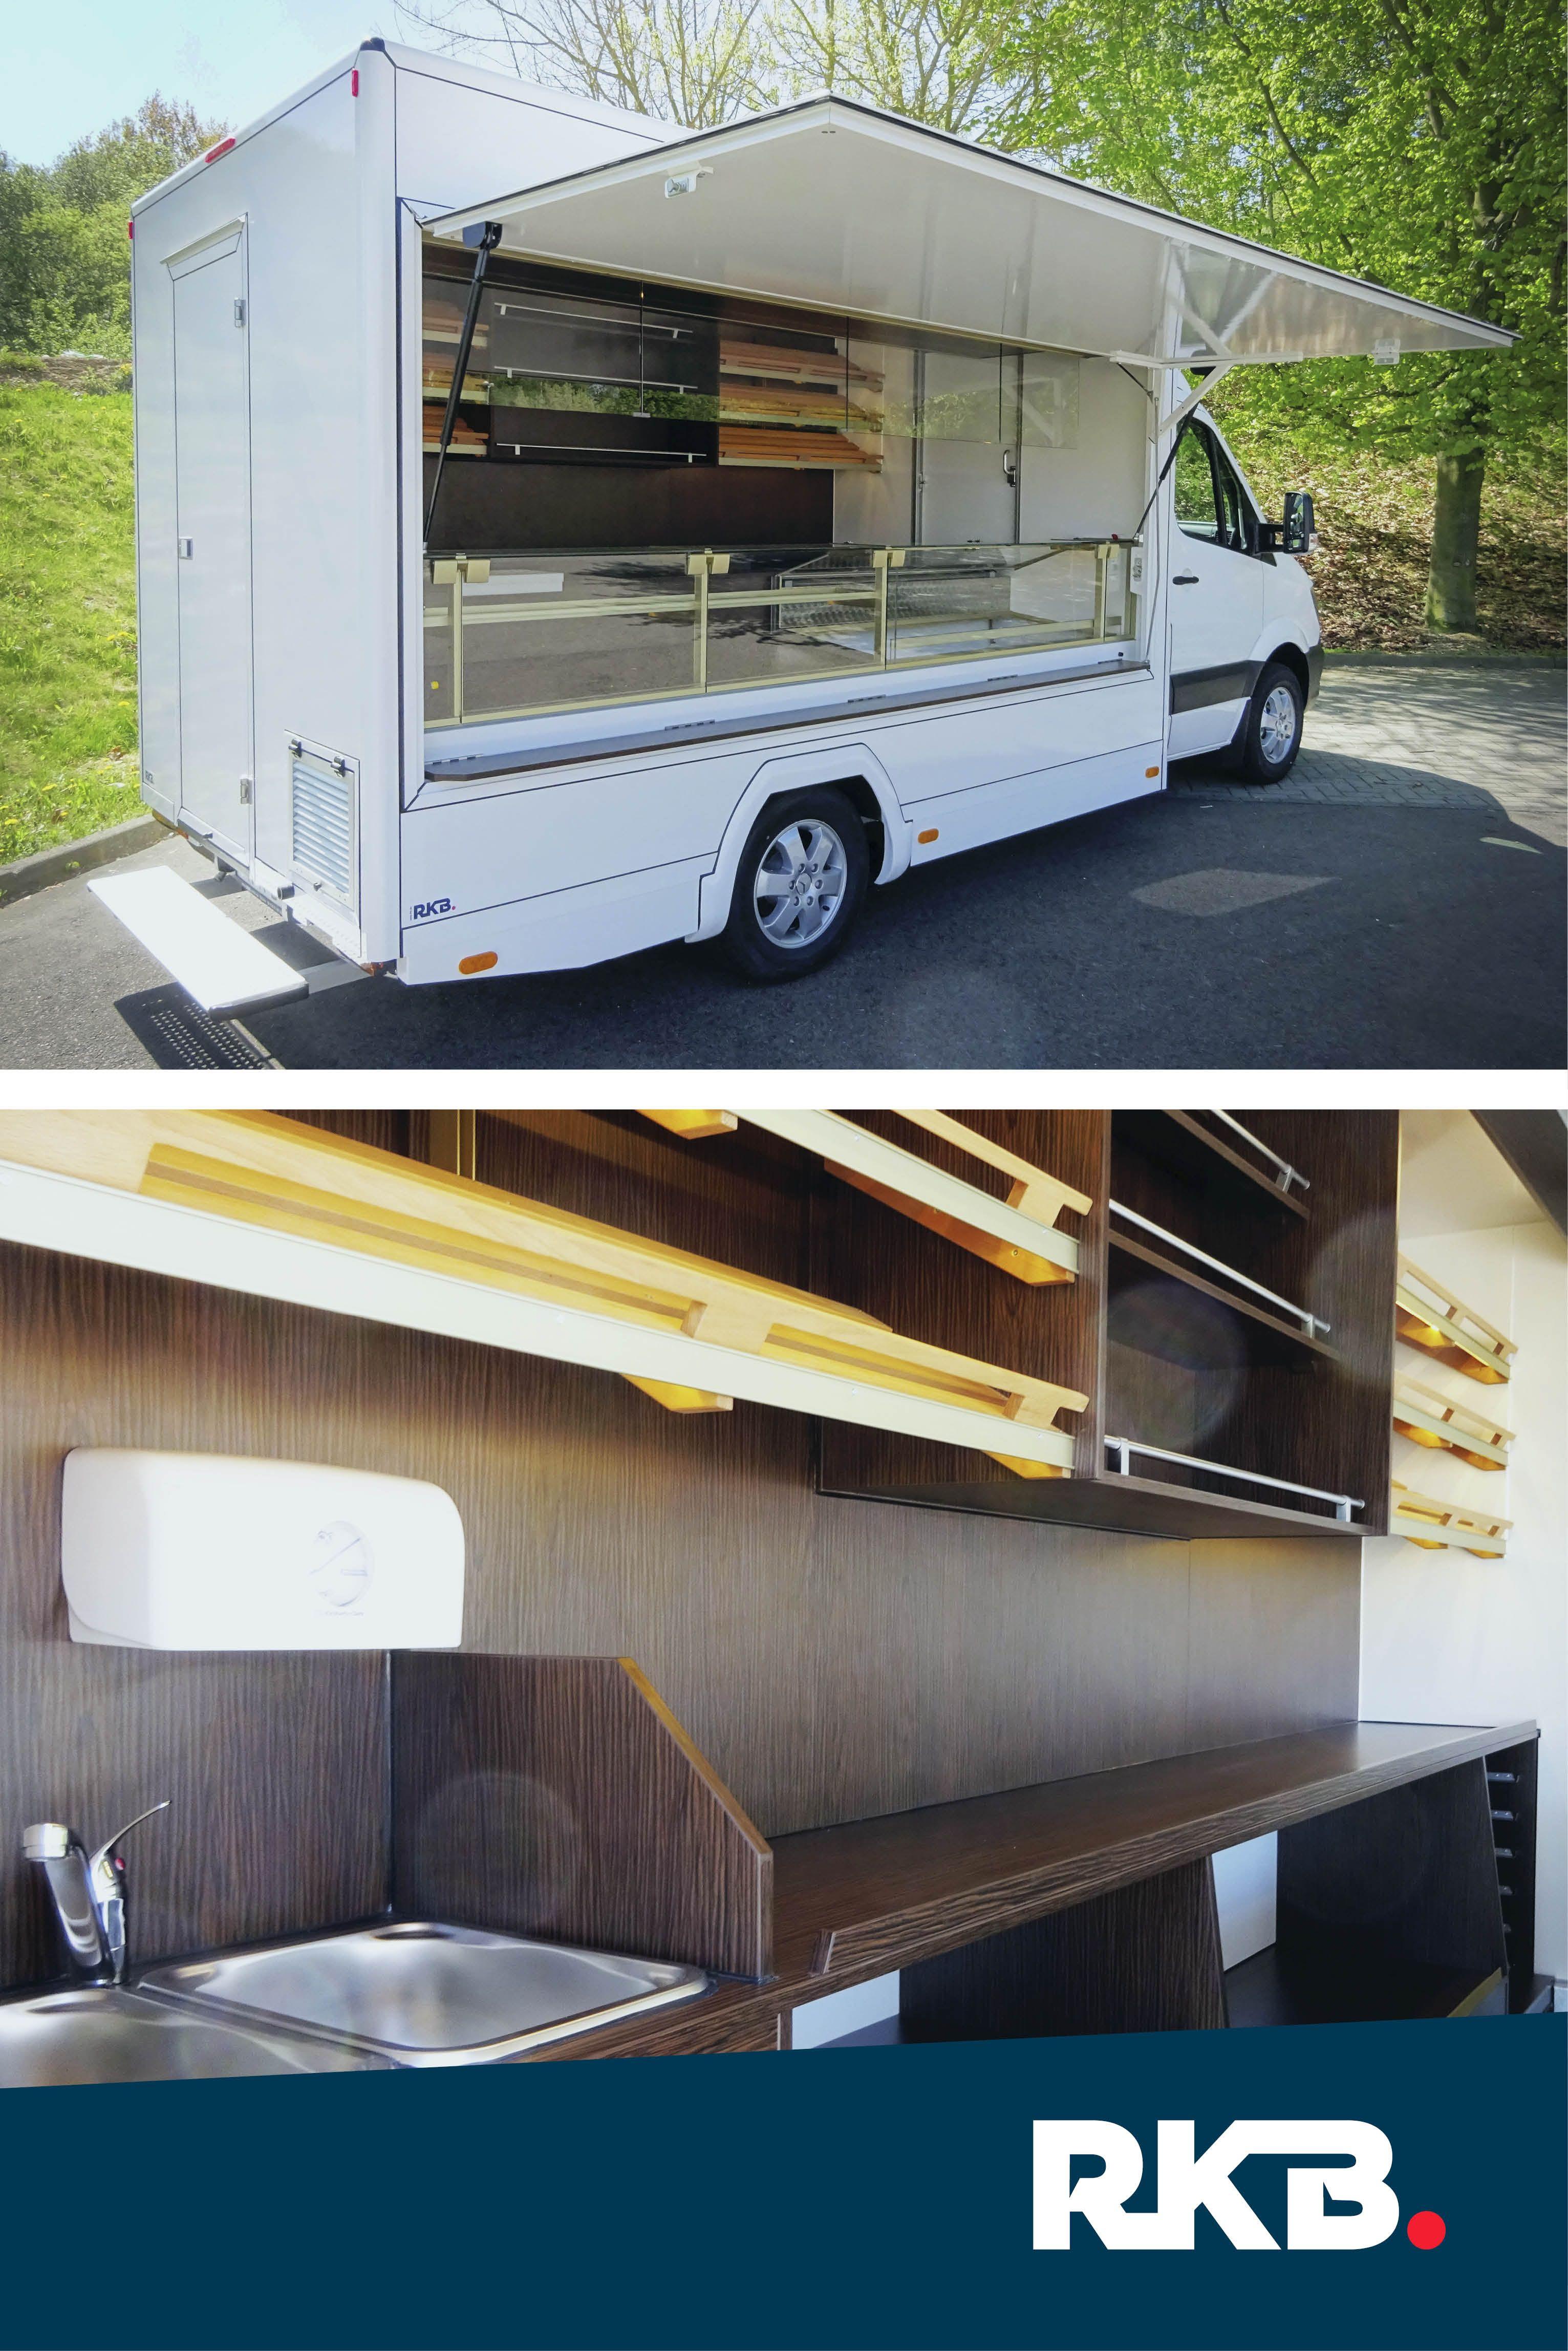 Verkaufsfahrzeug für Bäckerei Hiltner von RKB - Tourenverkaufsmobil ...